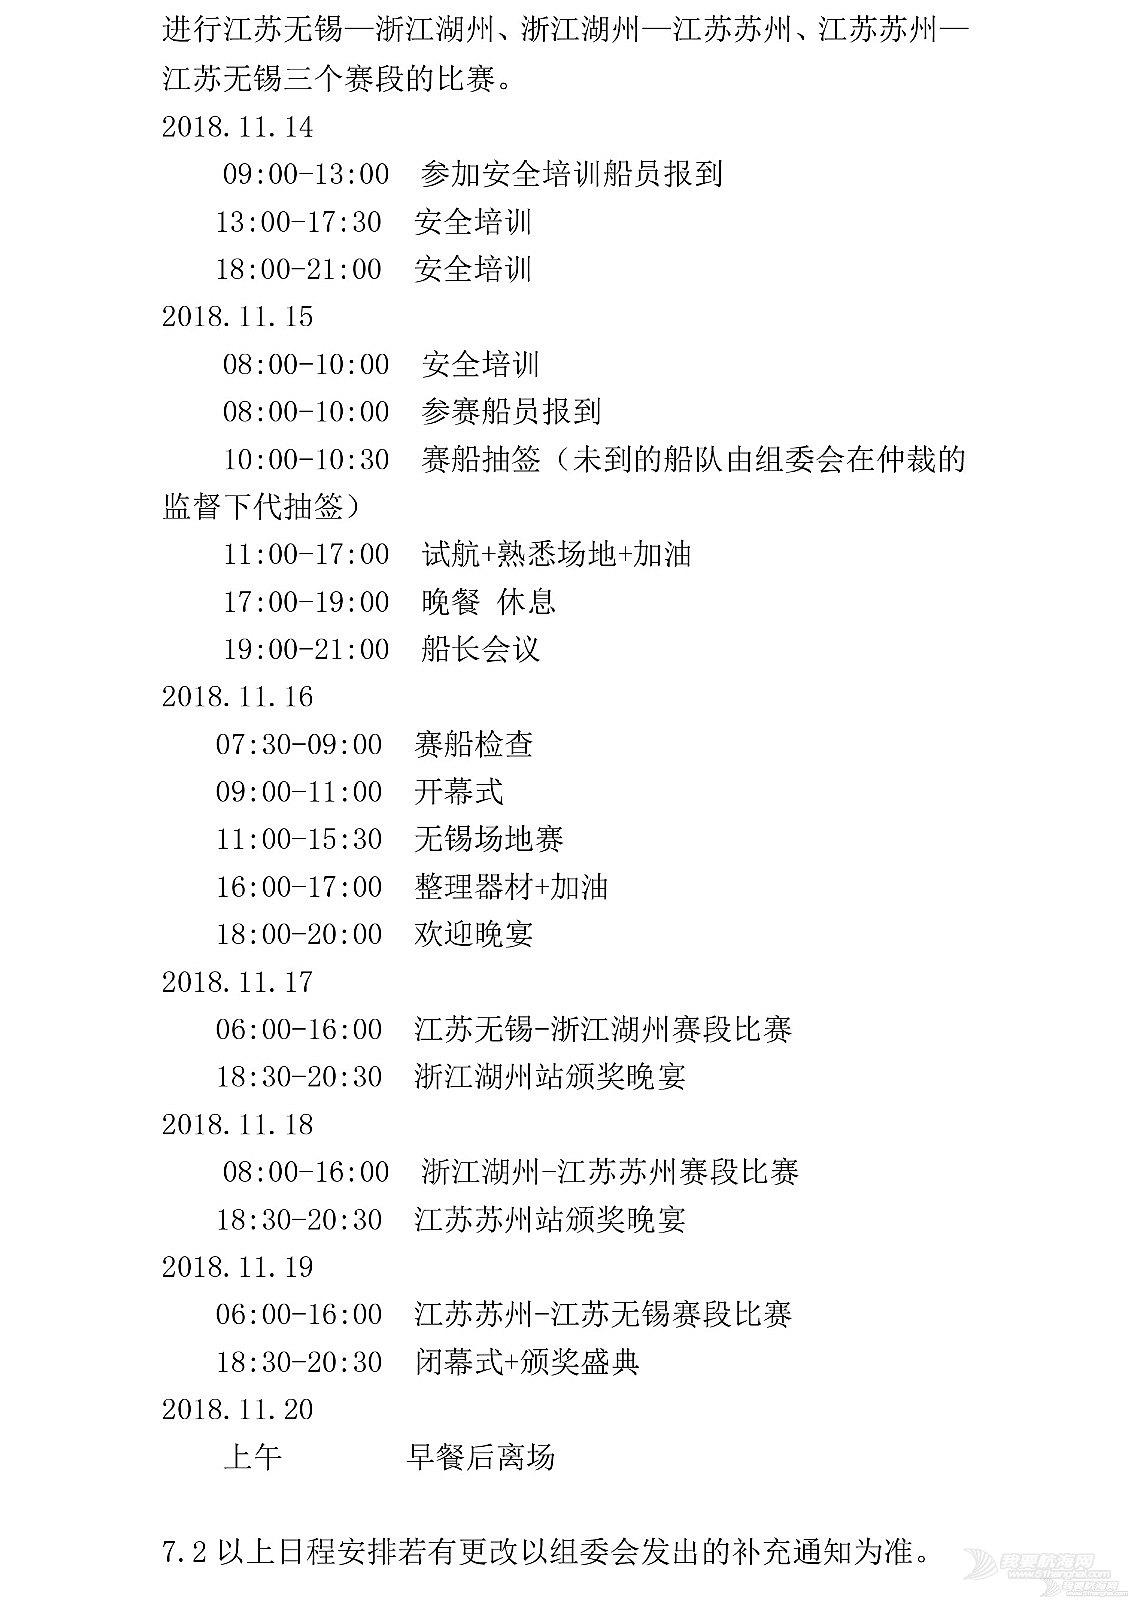 我要去航海水手招募:2018.11.16-19 2018环太湖国际帆船拉力赛招募[苏州]